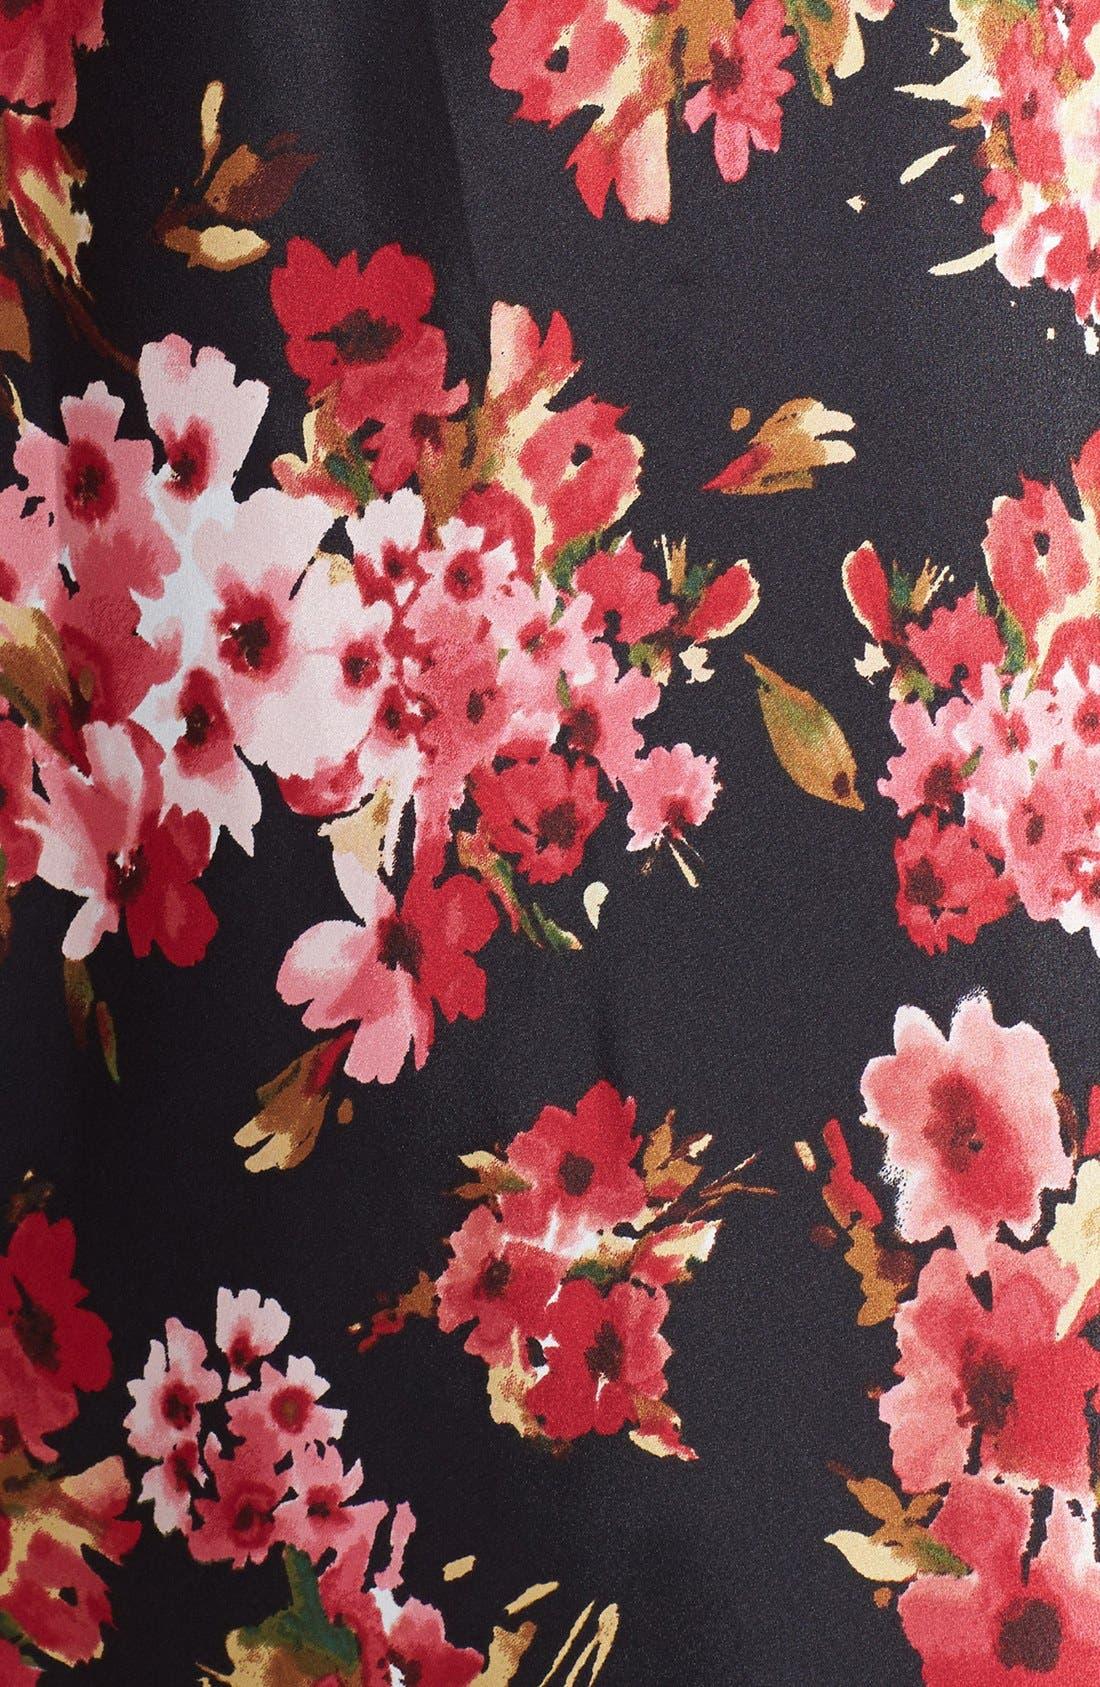 Alternate Image 3  - Oscar de la Renta Sleepwear 'Holiday Bouquet' Long Nightgown (Plus Size)